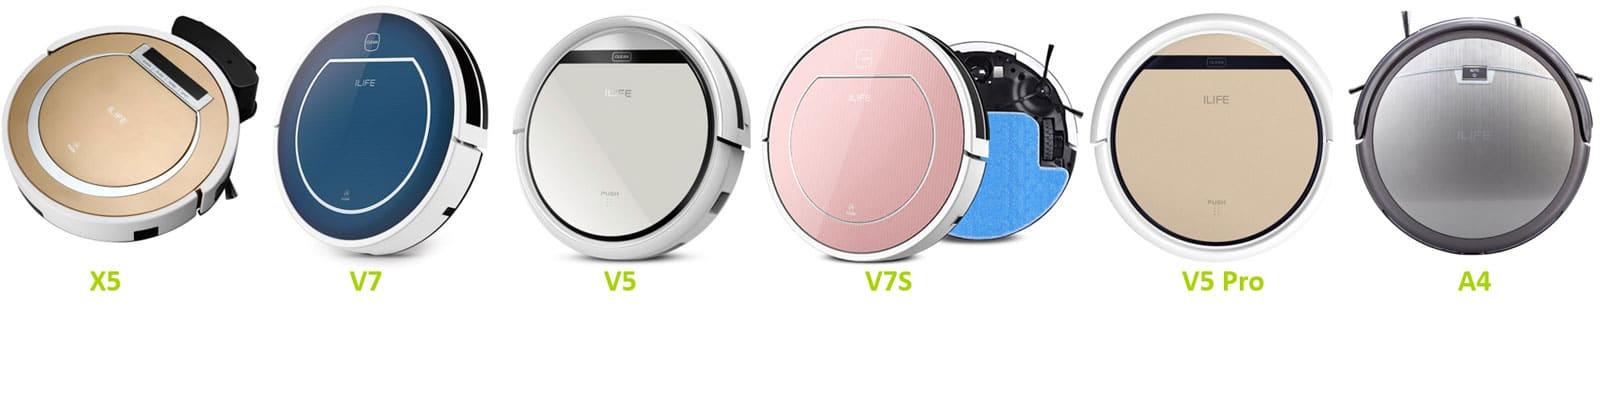 ilife-robot-vaccum-range-ilife-x5-v7-v7s-v5-pro-et-a4